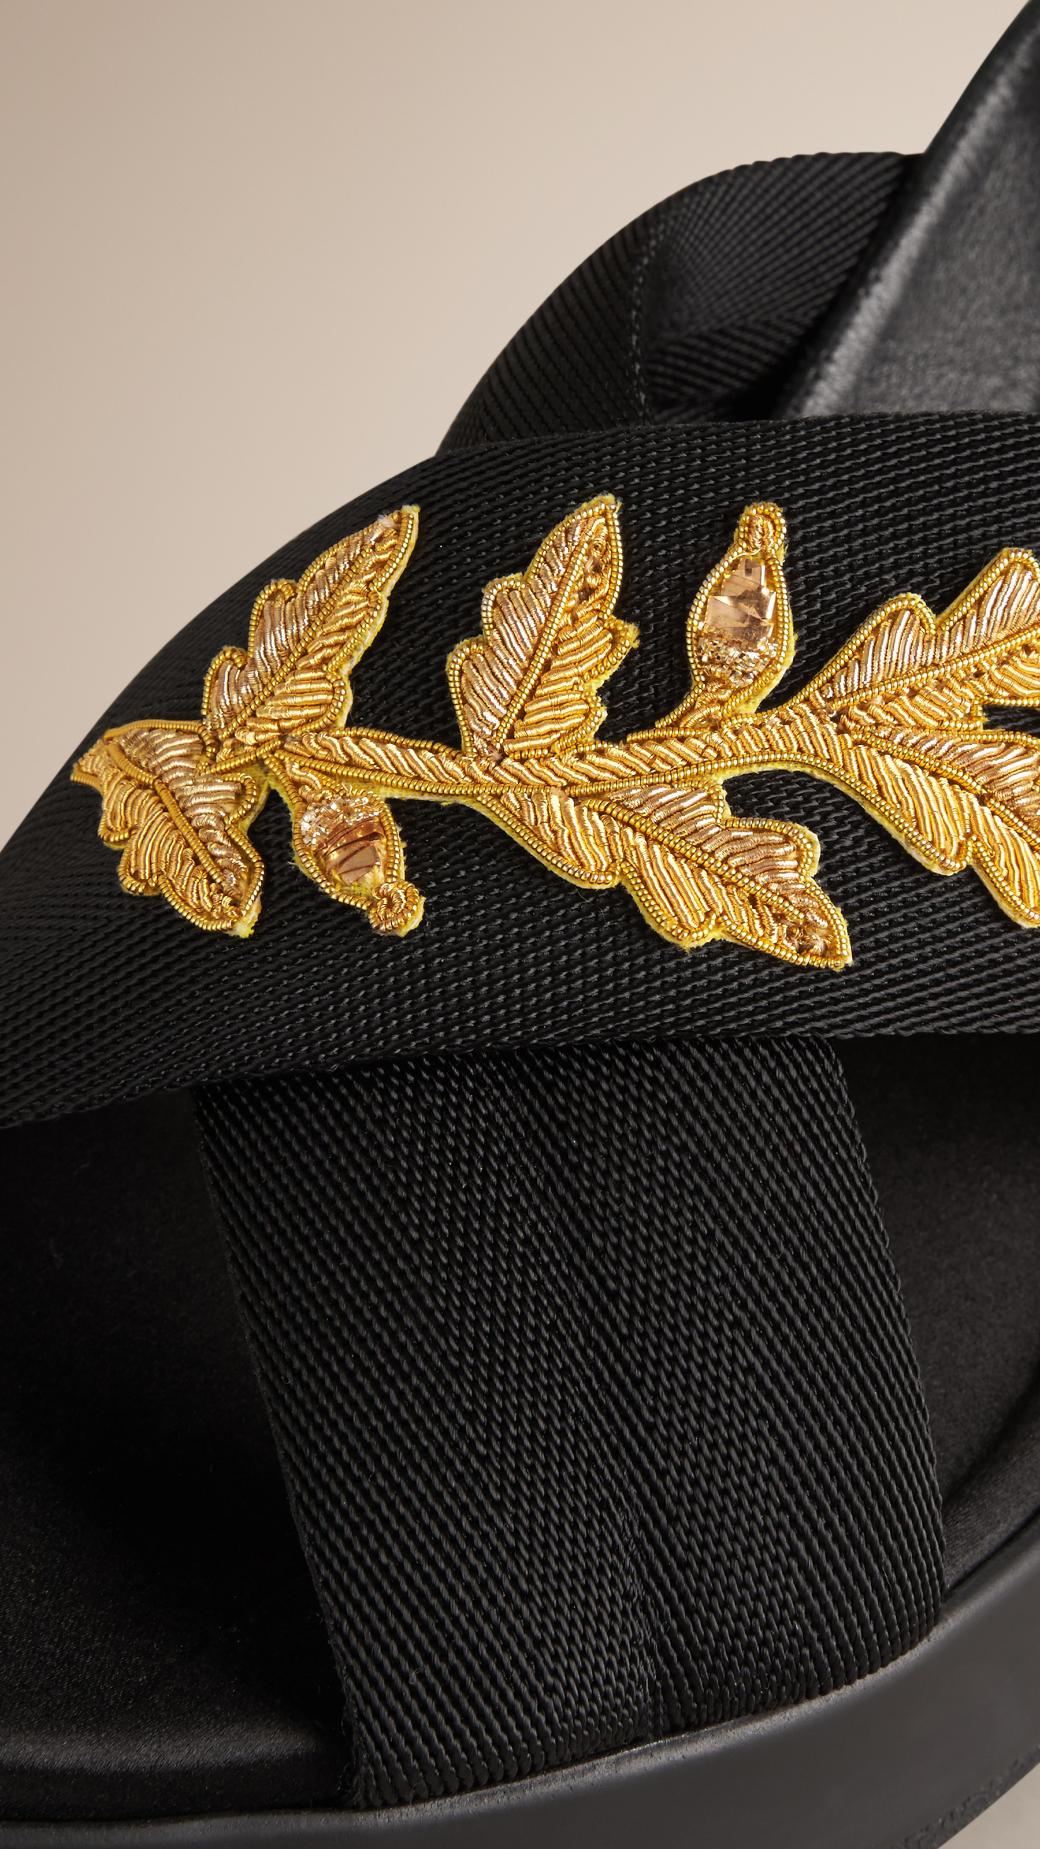 burberry sport goldwork embellished sport sandals in black